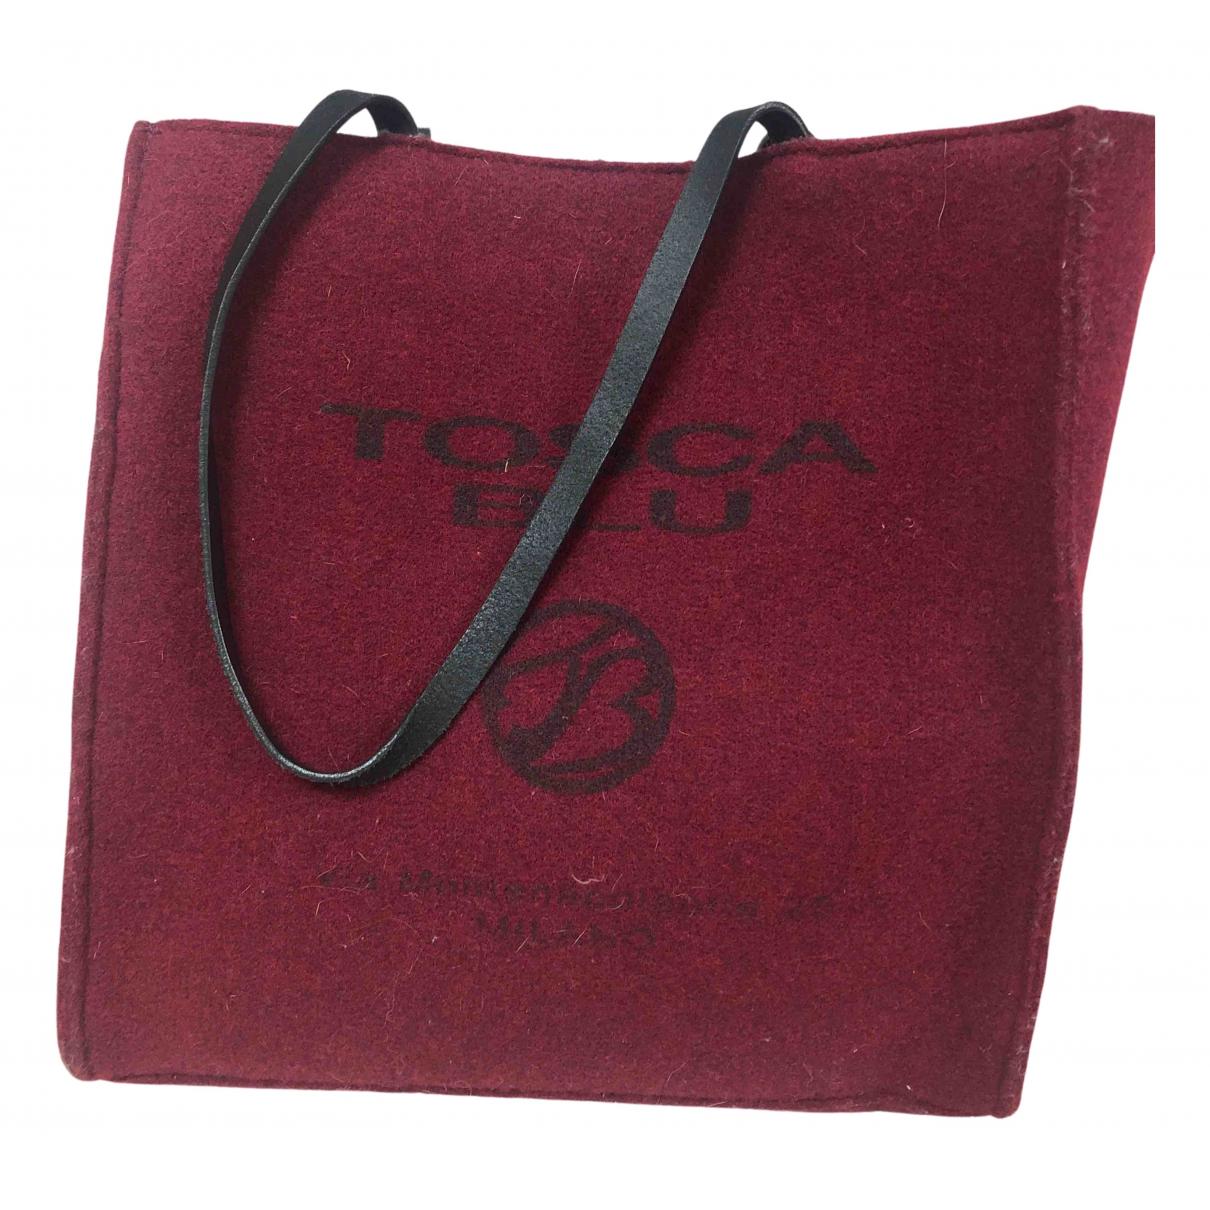 Tosca Blu - Sac a main   pour femme en laine - bordeaux